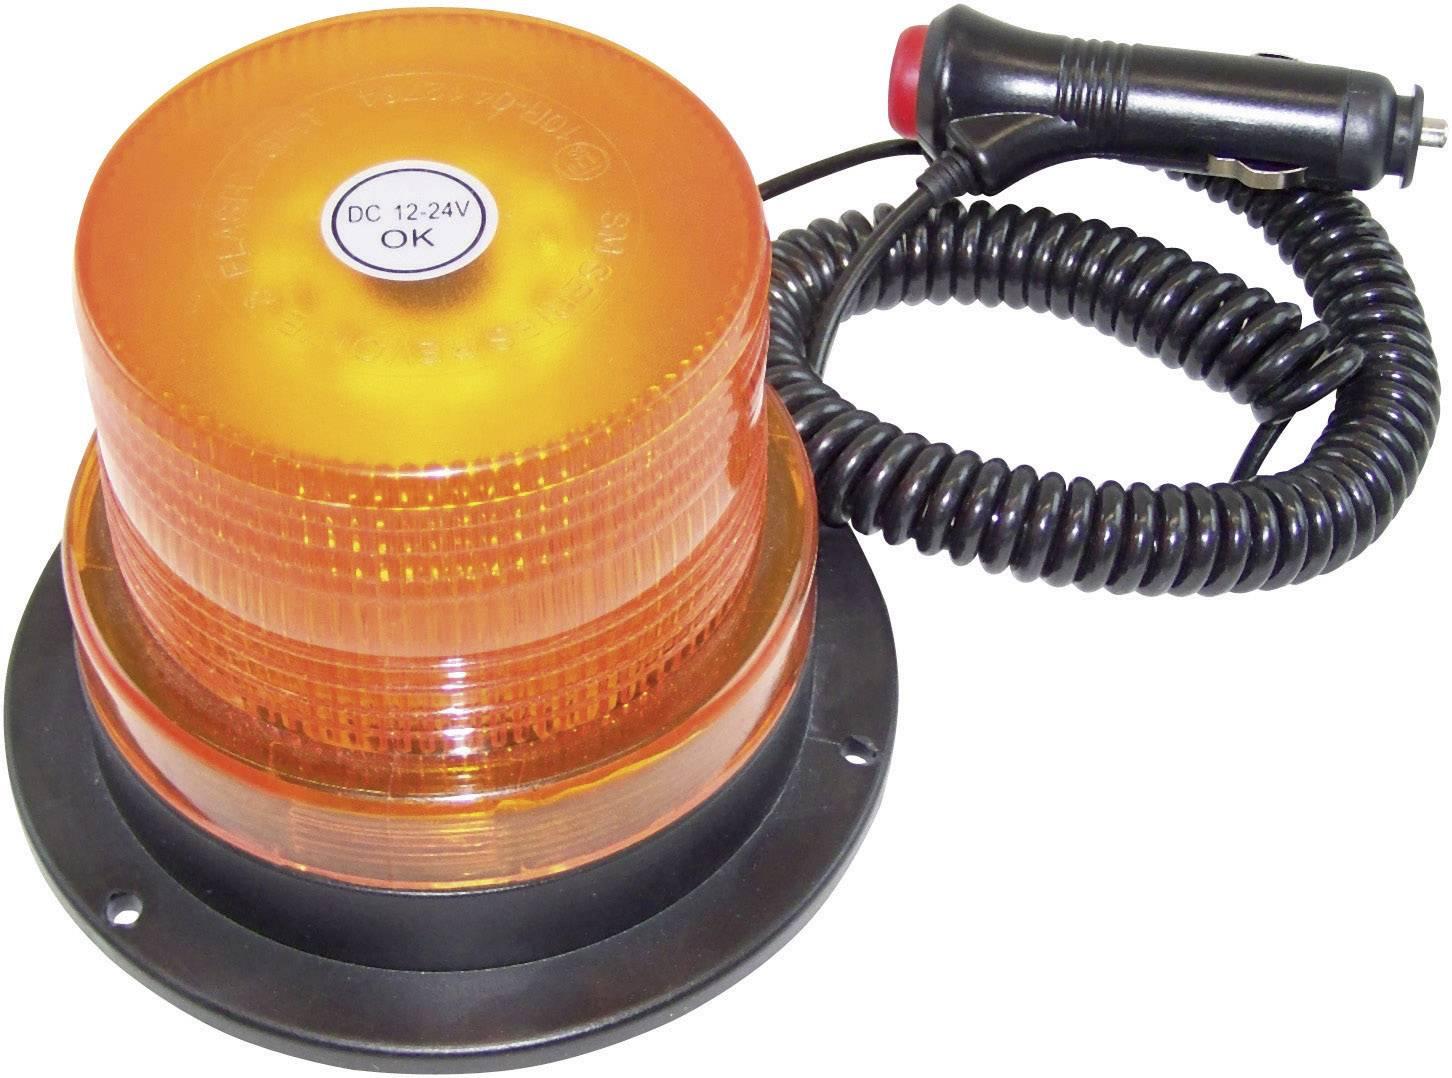 Maják do autozásuvky, 20200, s magnetom, oranžová